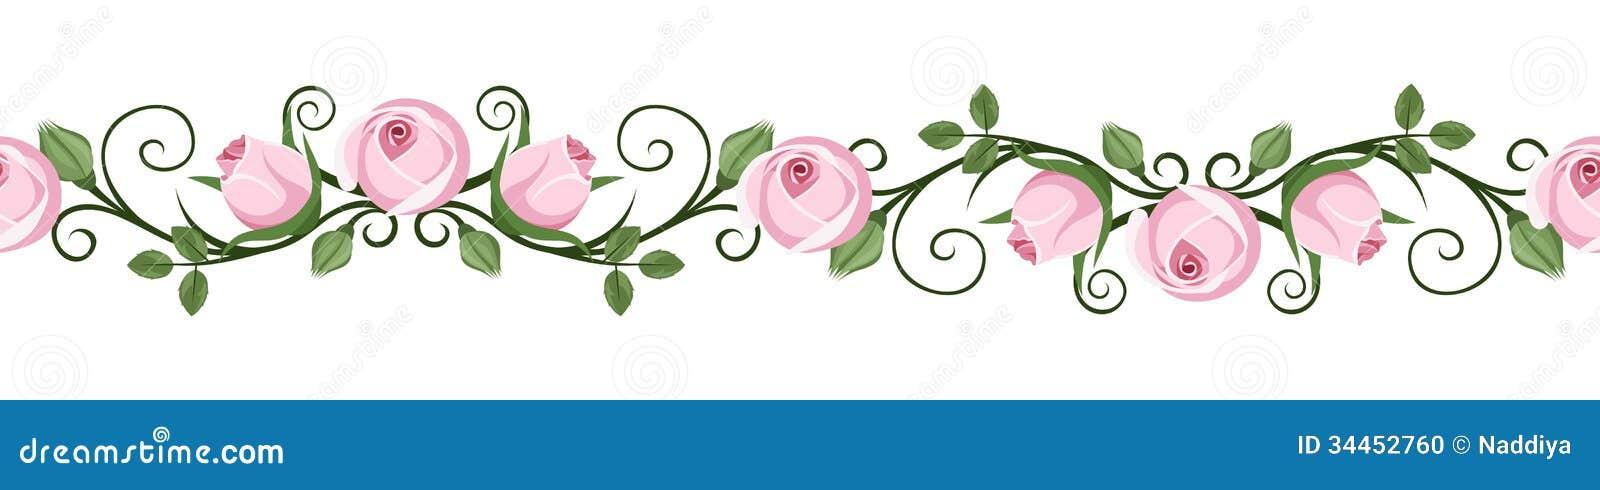 Rocznik horyzontalne bezszwowe winiety z menchii różą pączkują. Wektorowa ilustracja.